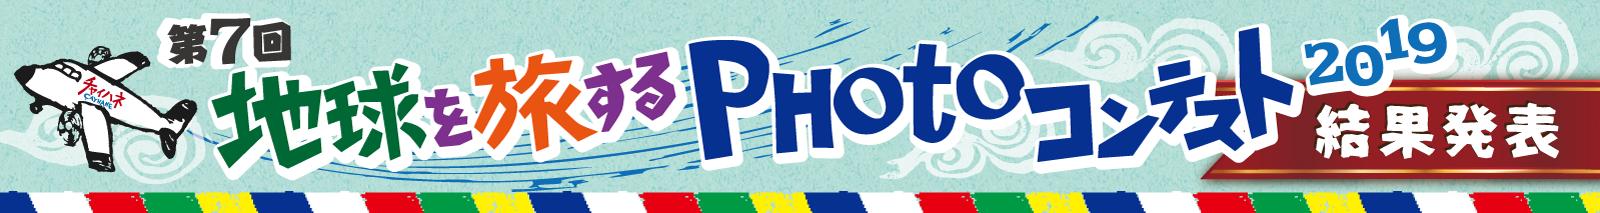 チャイハネ 2019 Photo contest フォトコンテスト